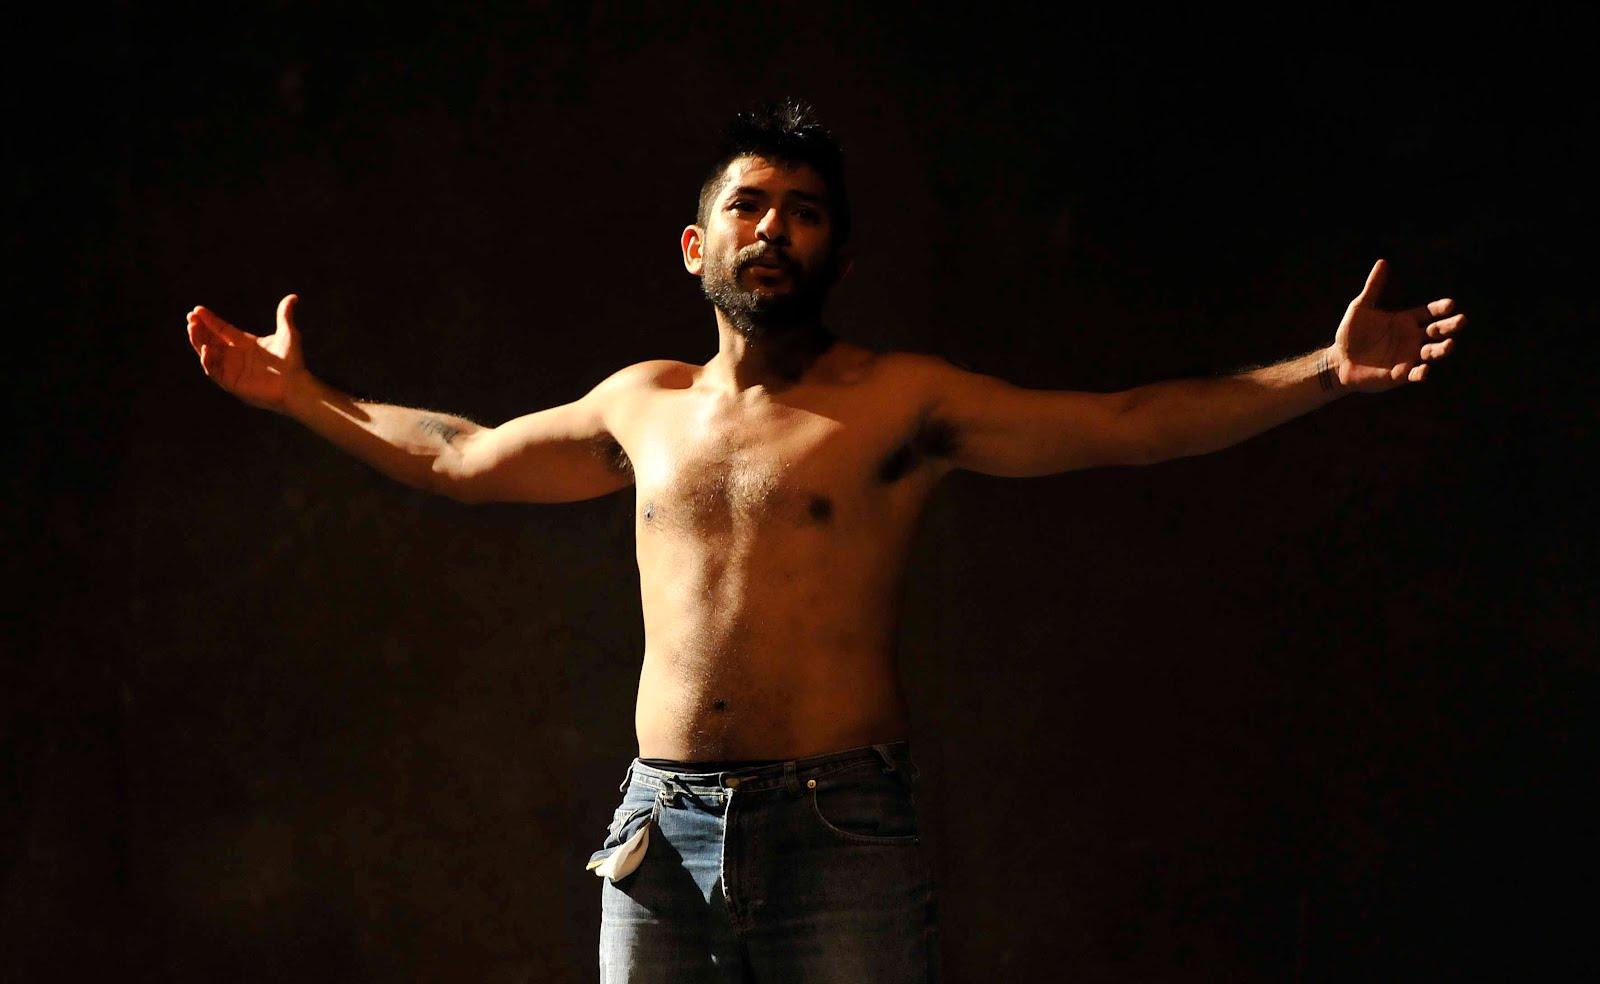 Baños Roma Teatro Linea De Sombra: sobre el montaje de La mujer de antes de Teatro Línea de Sombra